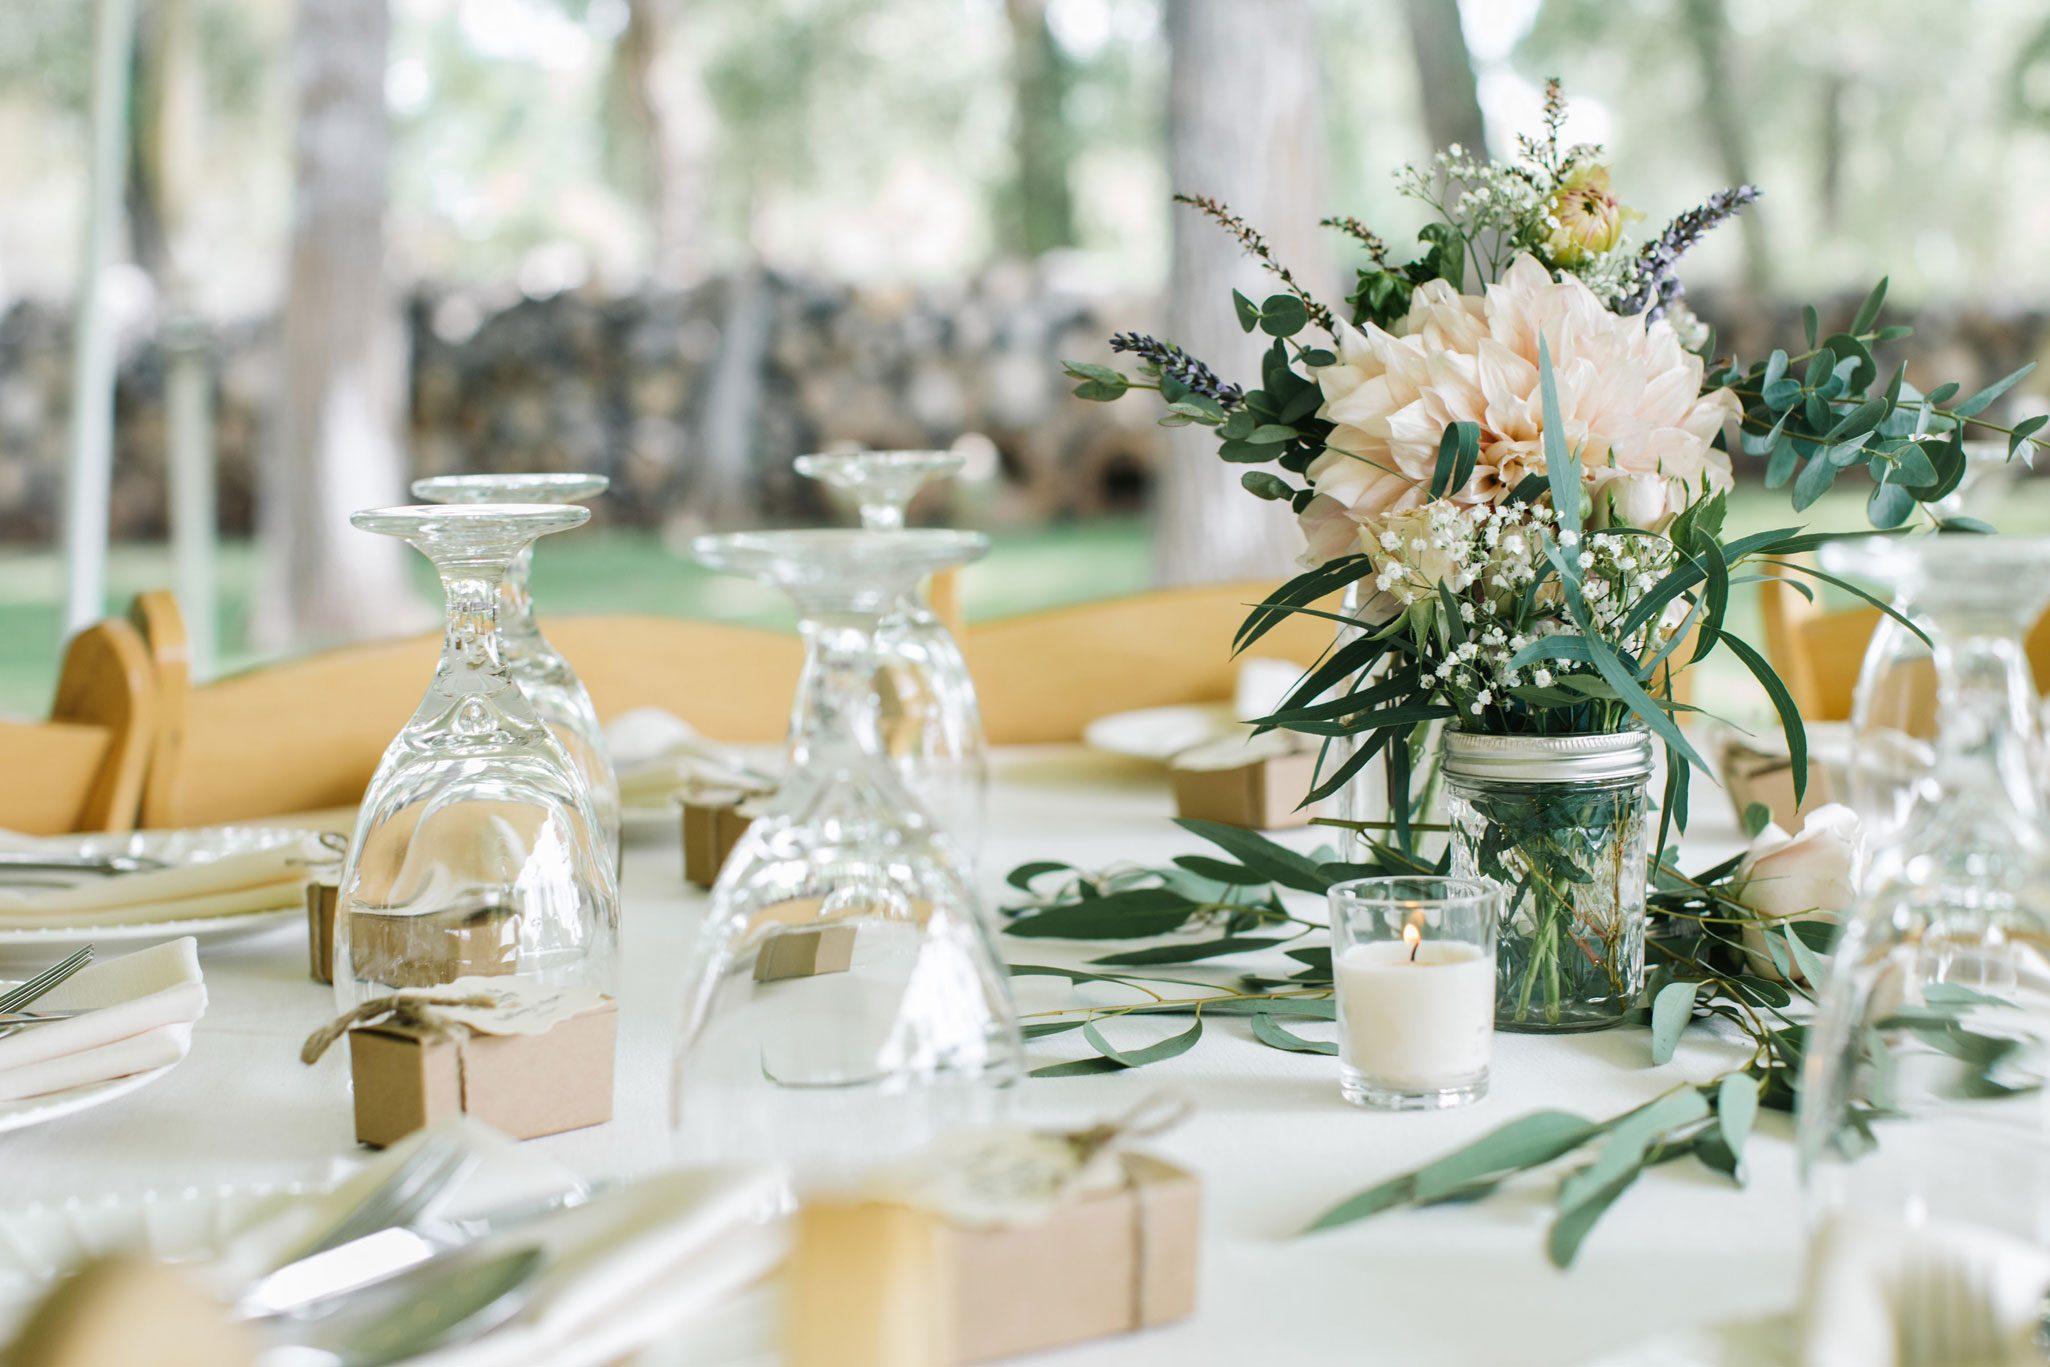 Tablescape   A Romantic Garden Wedding in Durango, Colorado